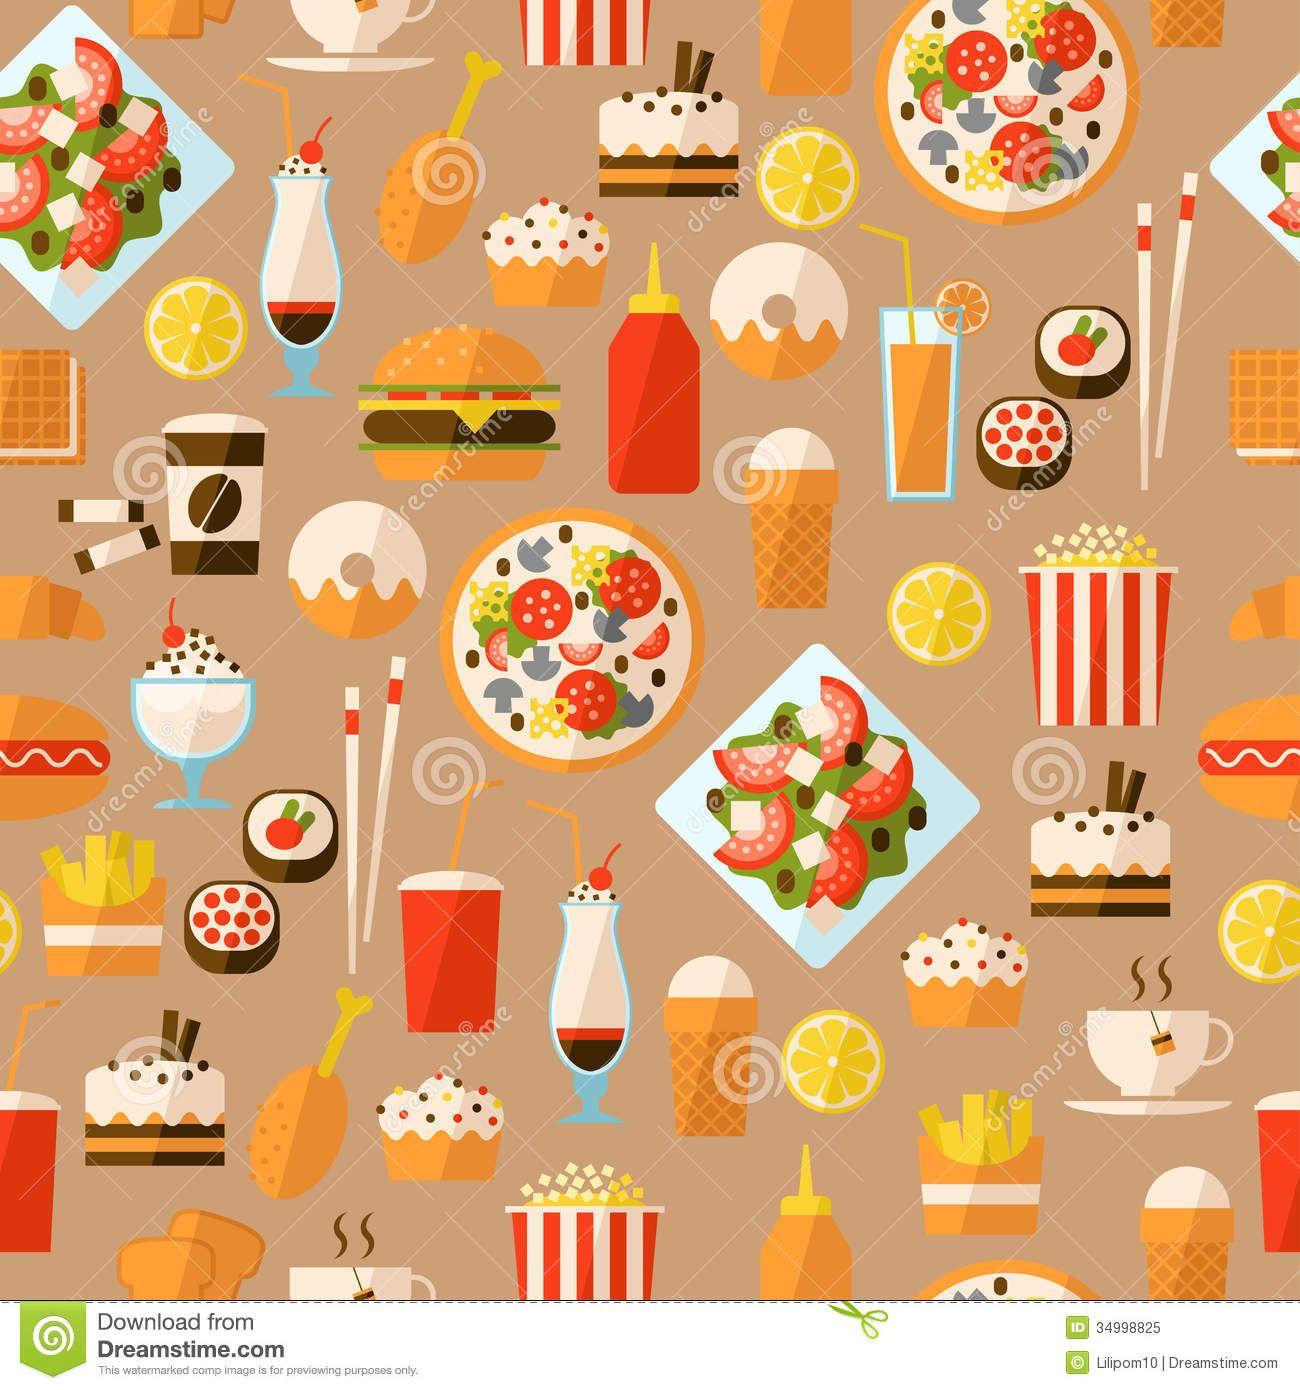 Food Pattern Wallpaper Tumblr